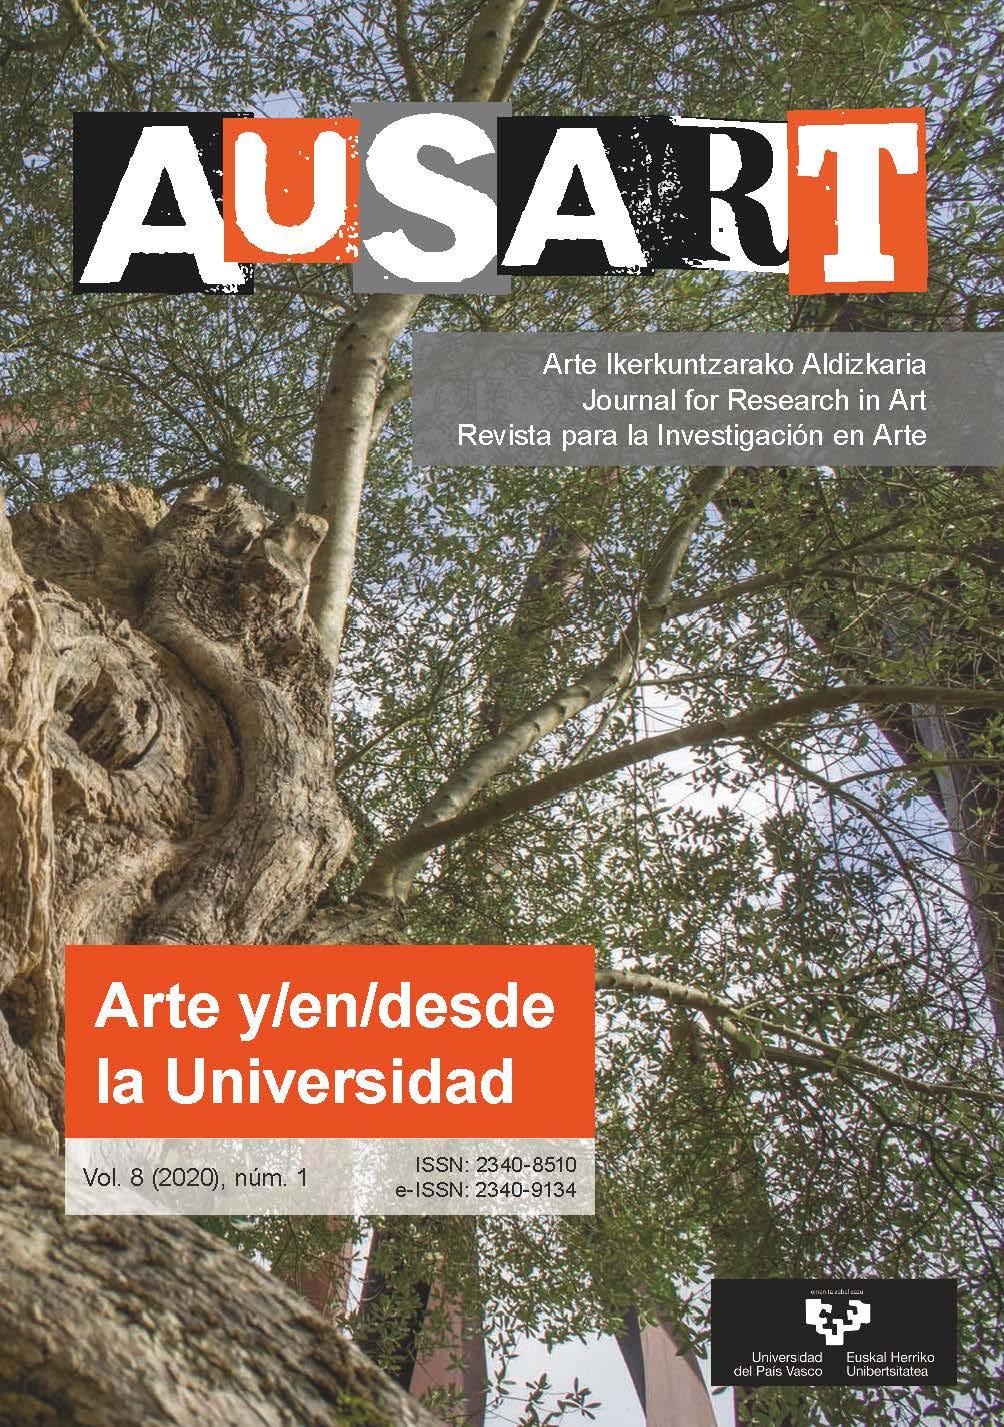 Portada AusArt vol. 8, número 1 (2020)